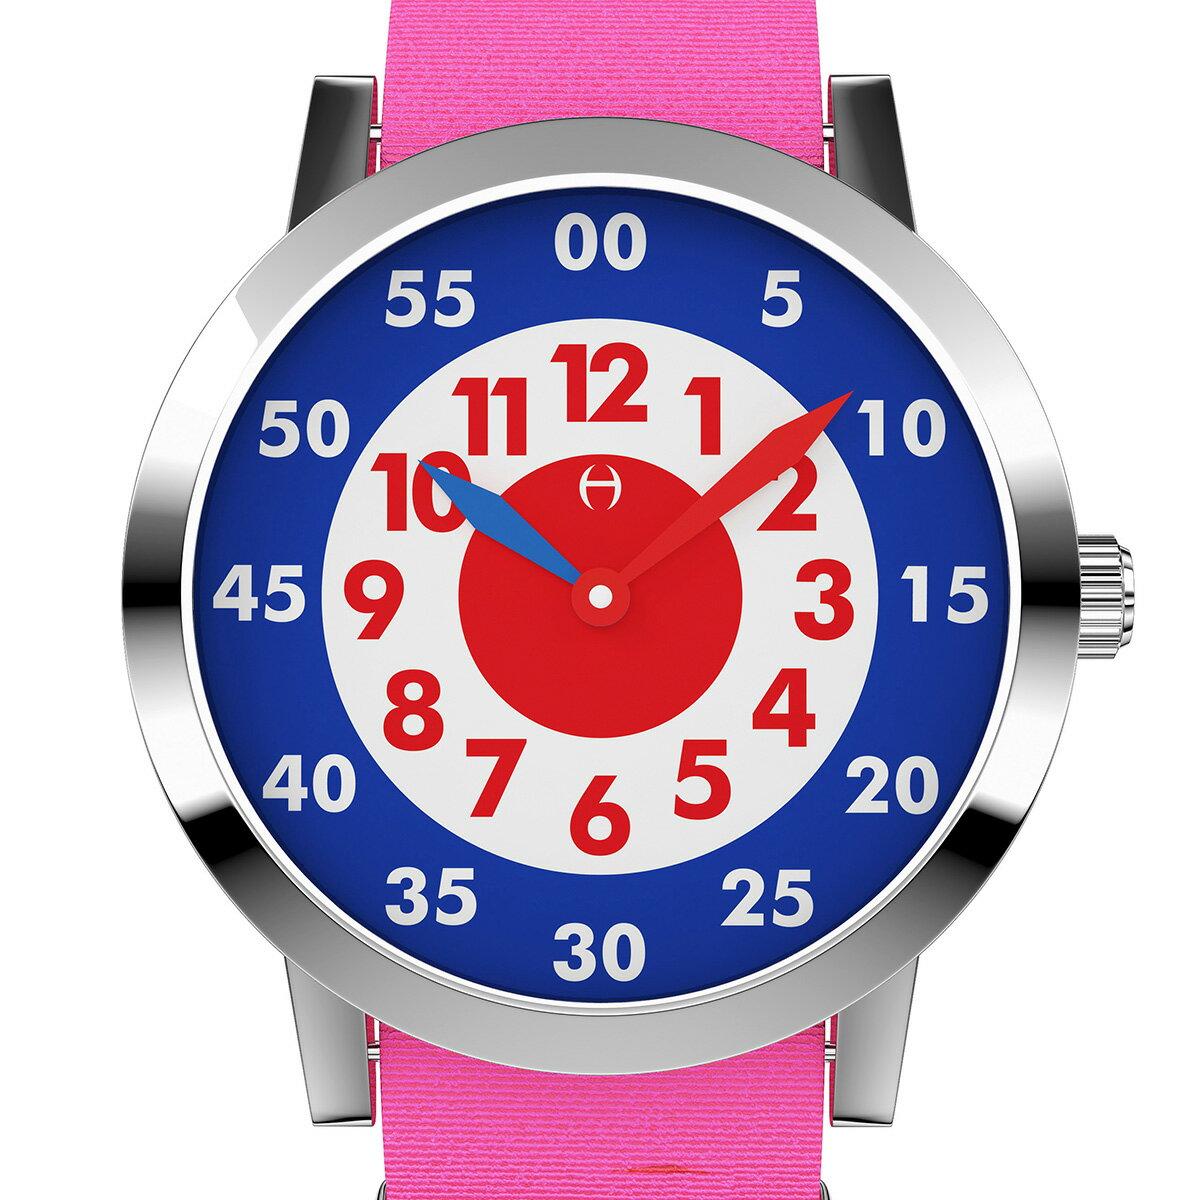 1f67ce687e 【残り1点】Oliver Hemming オリバーヘミング クォーツ 腕時計 イギリス アート デザイン [WT18S58RPNC